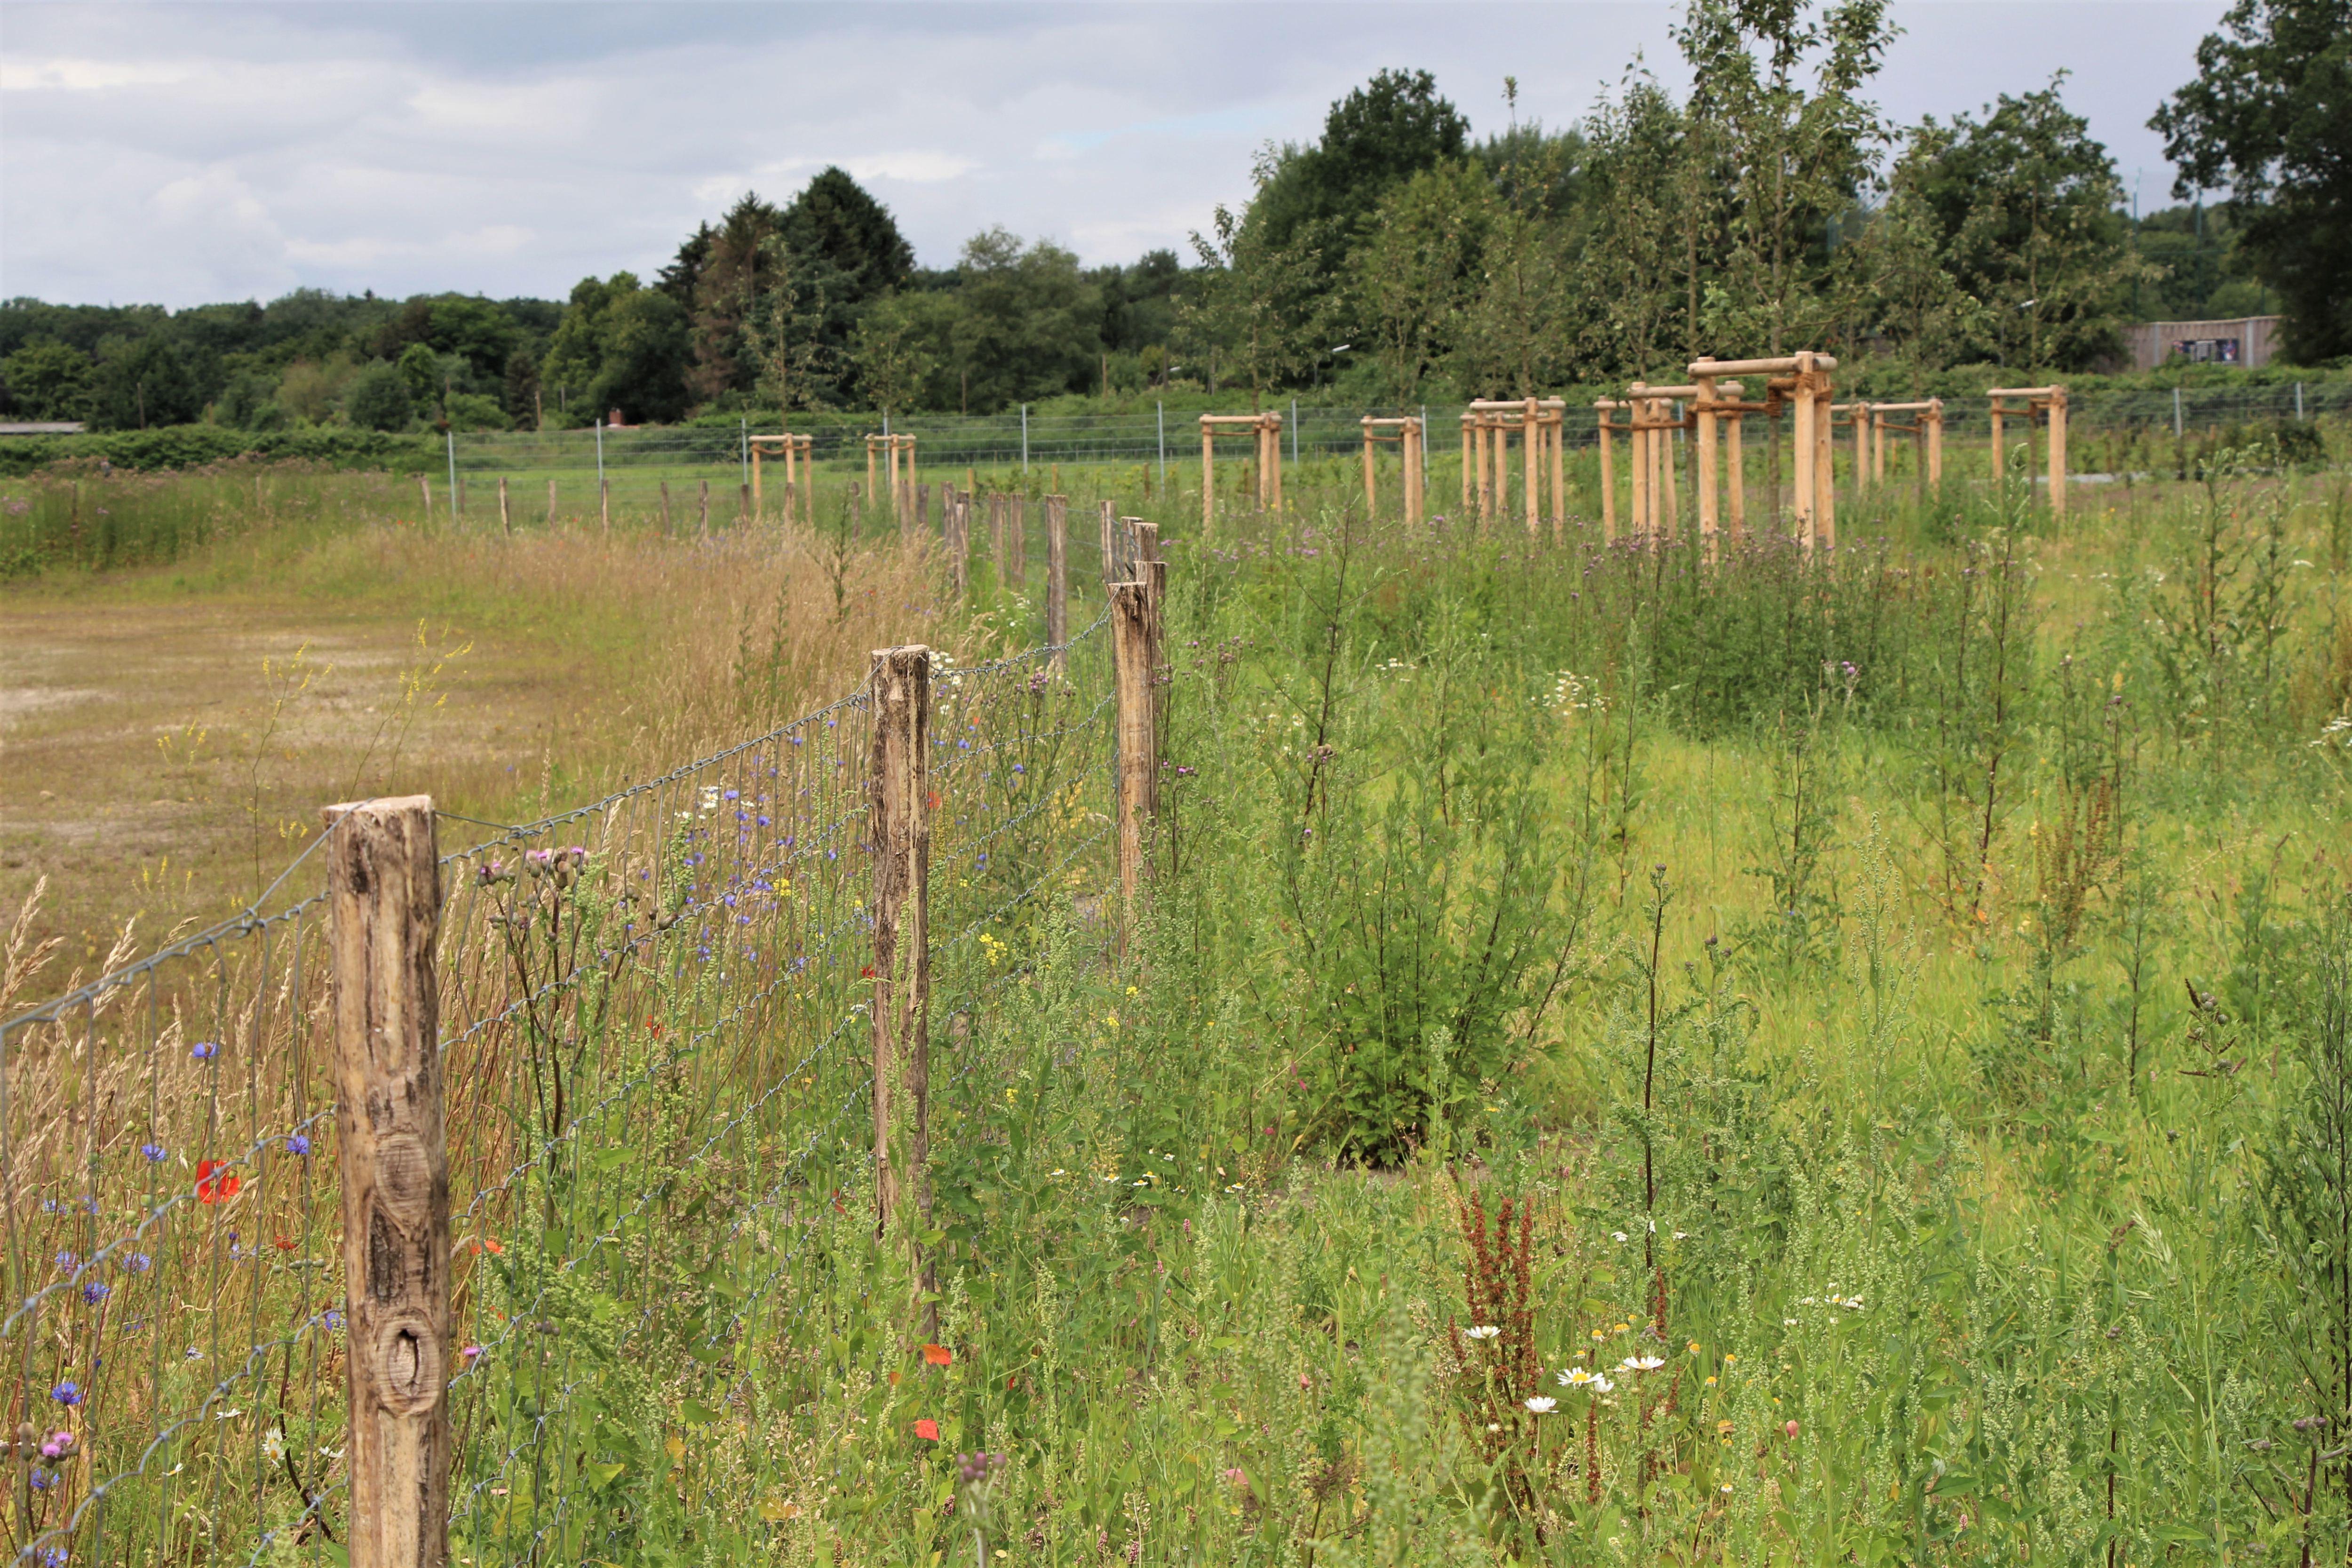 Die Langgraswiese soll nur zweimal im Jahr gemäht werden, um die Artenvielfalt zu schützen. Foto: Sahra Vittinghoff